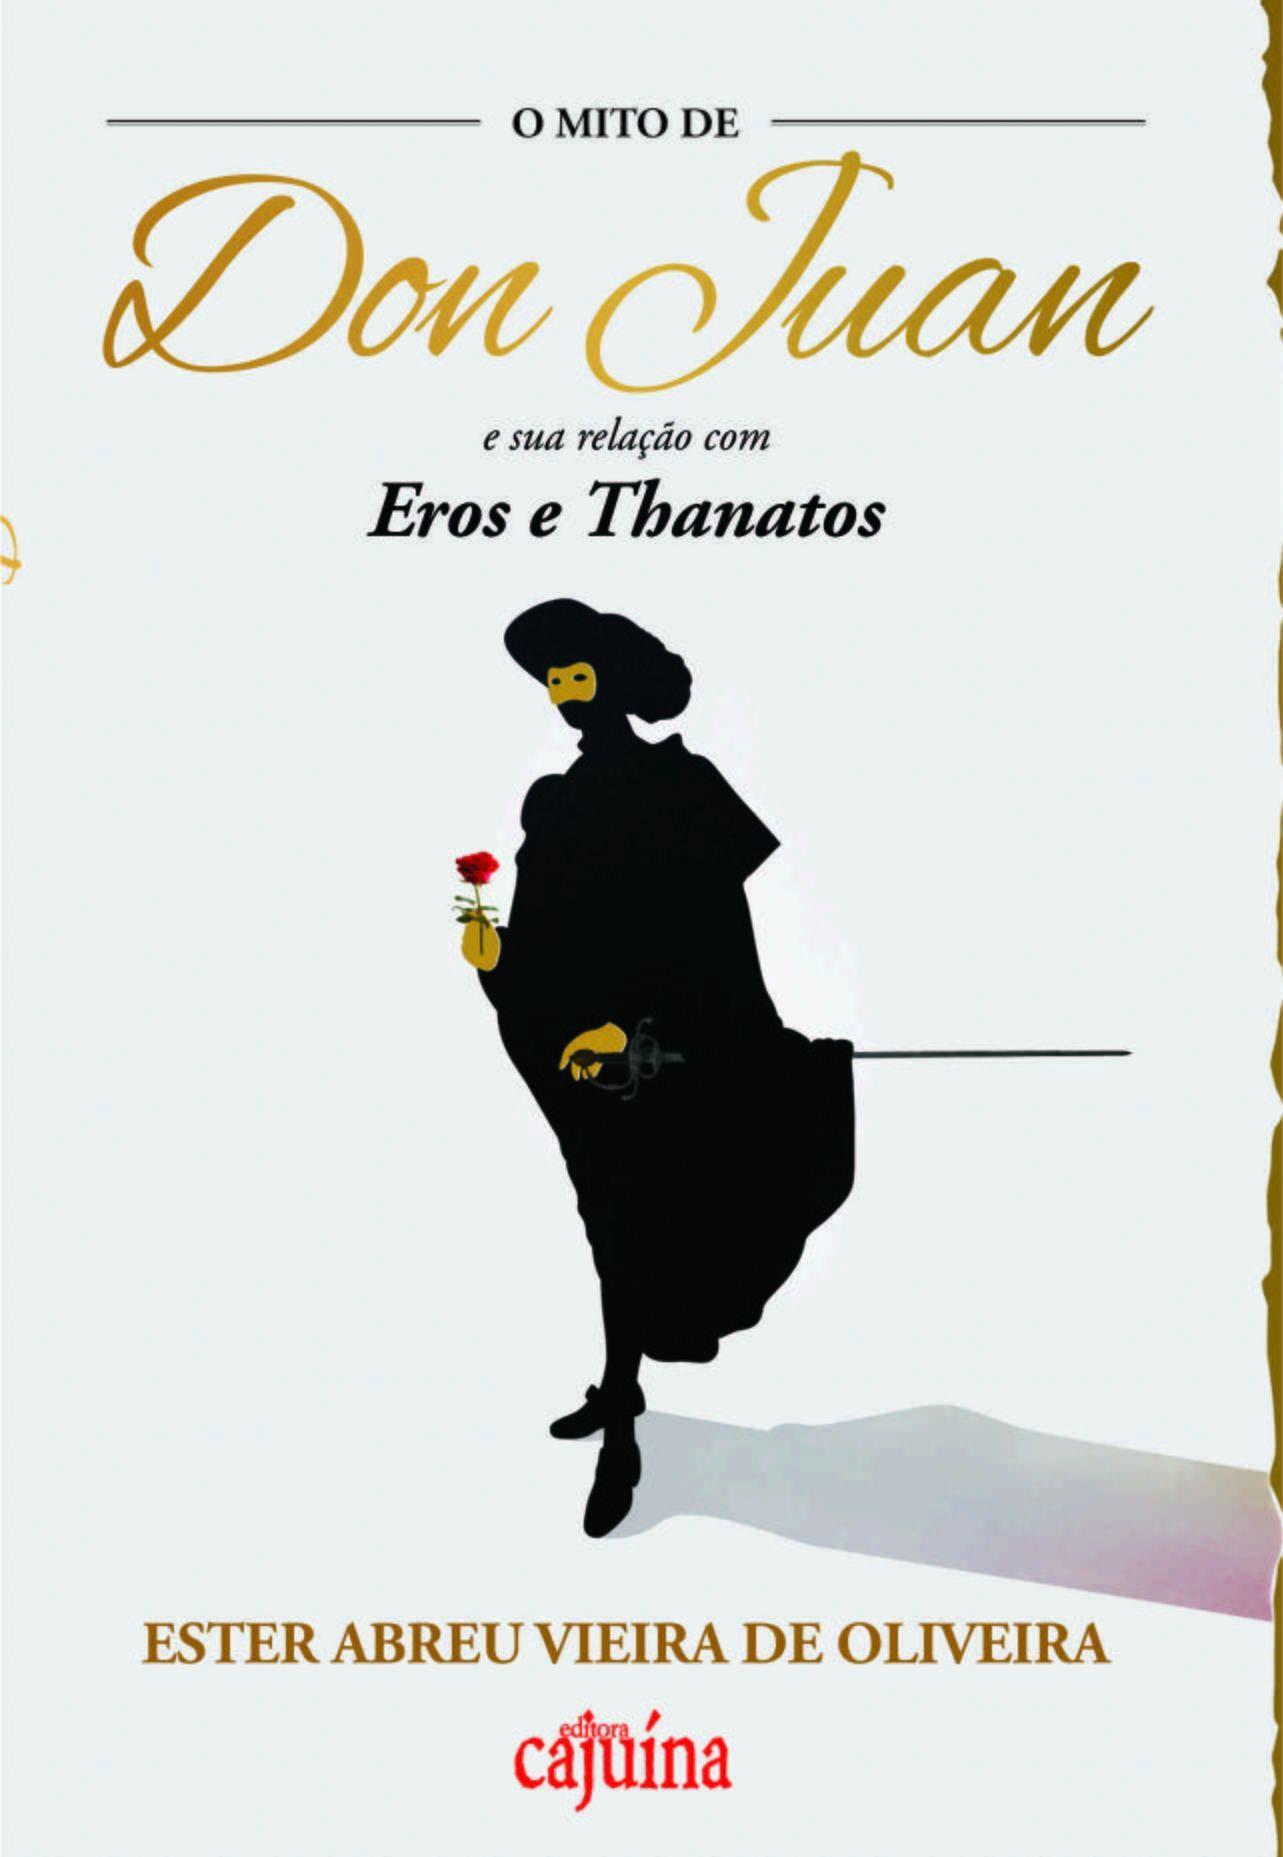 O mito de Don Juan e sua relação com Eros e Thanatos, livro de Ester Abreu Vieira de Oliveira